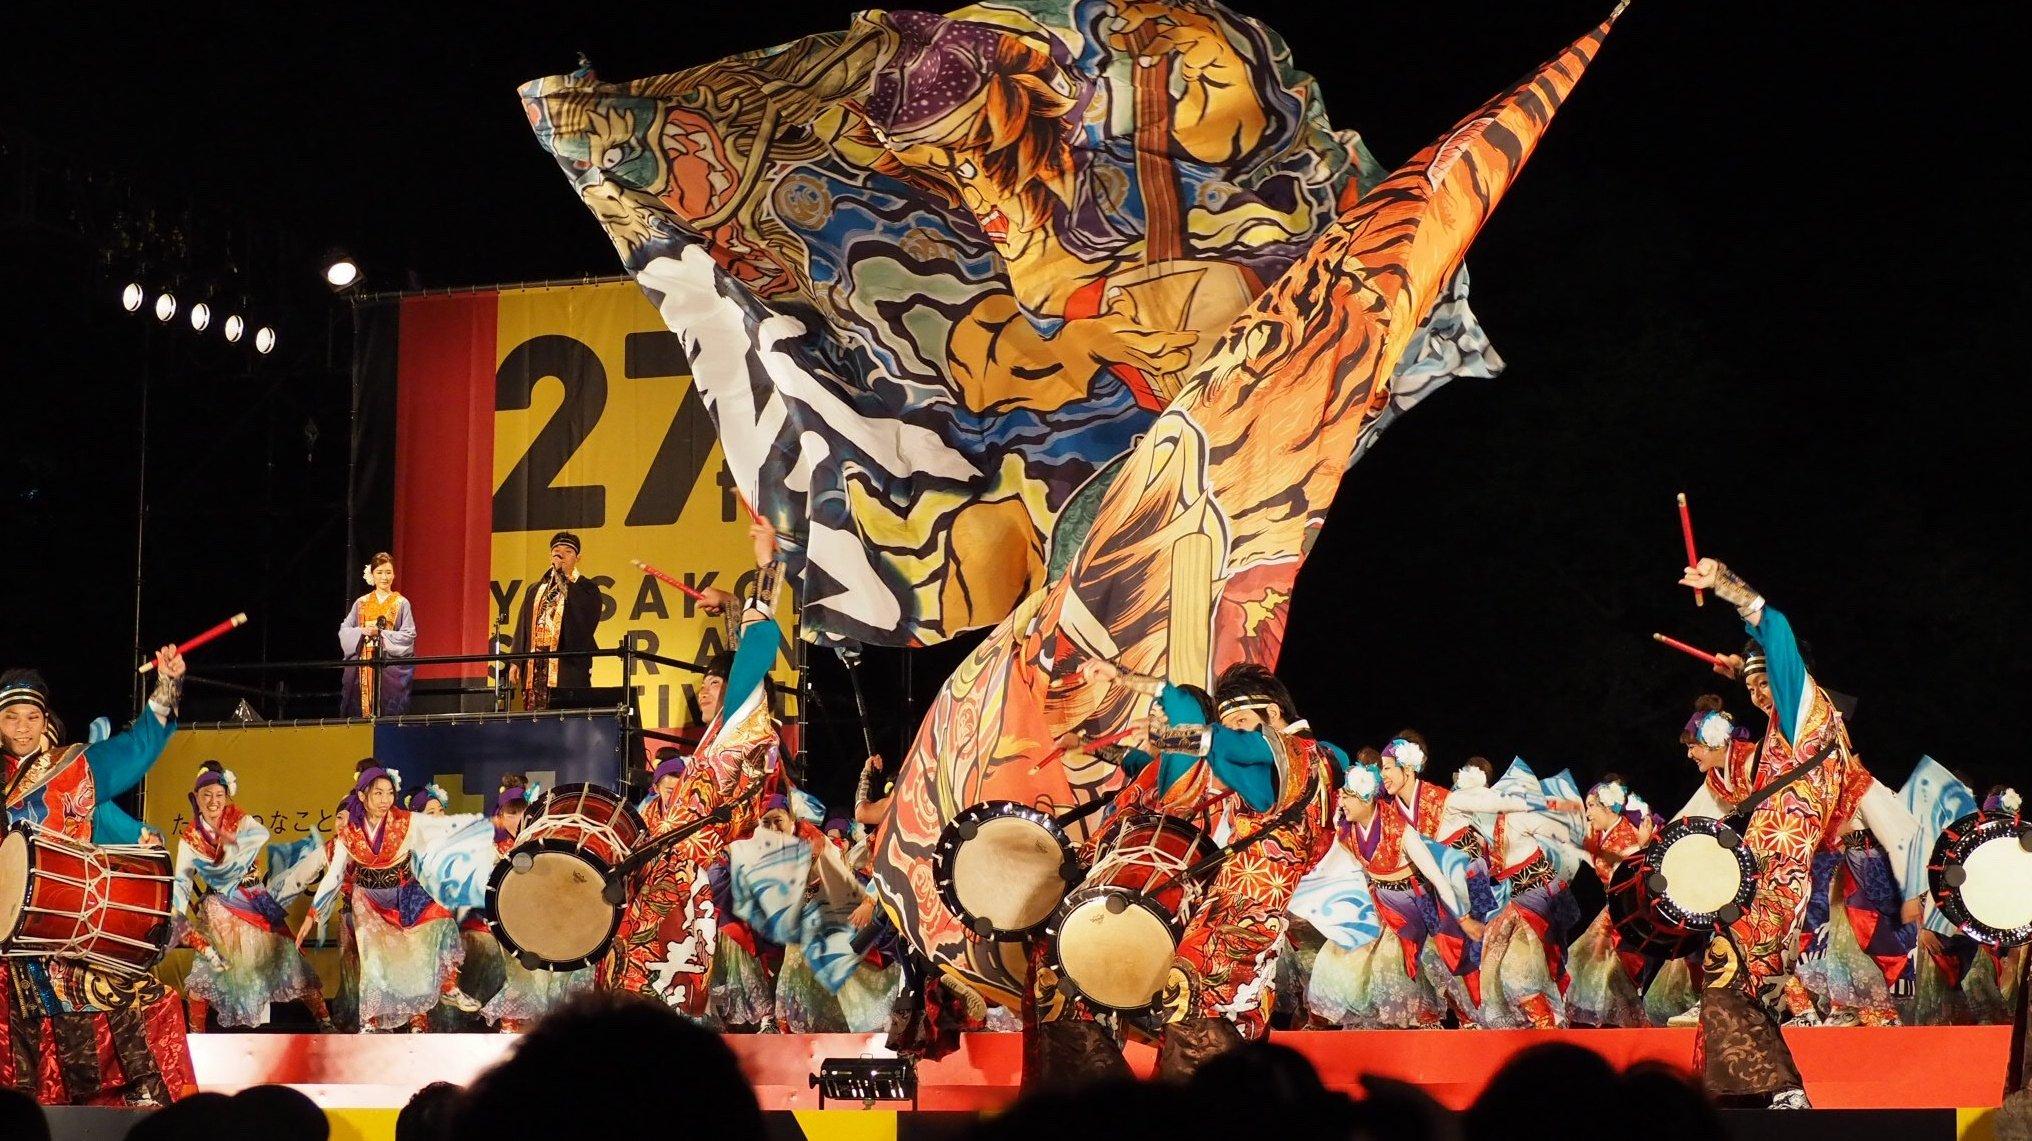 【画像13枚】YOSAKOIソーラン祭り2018大通会場を写真で振り返る【札幌】